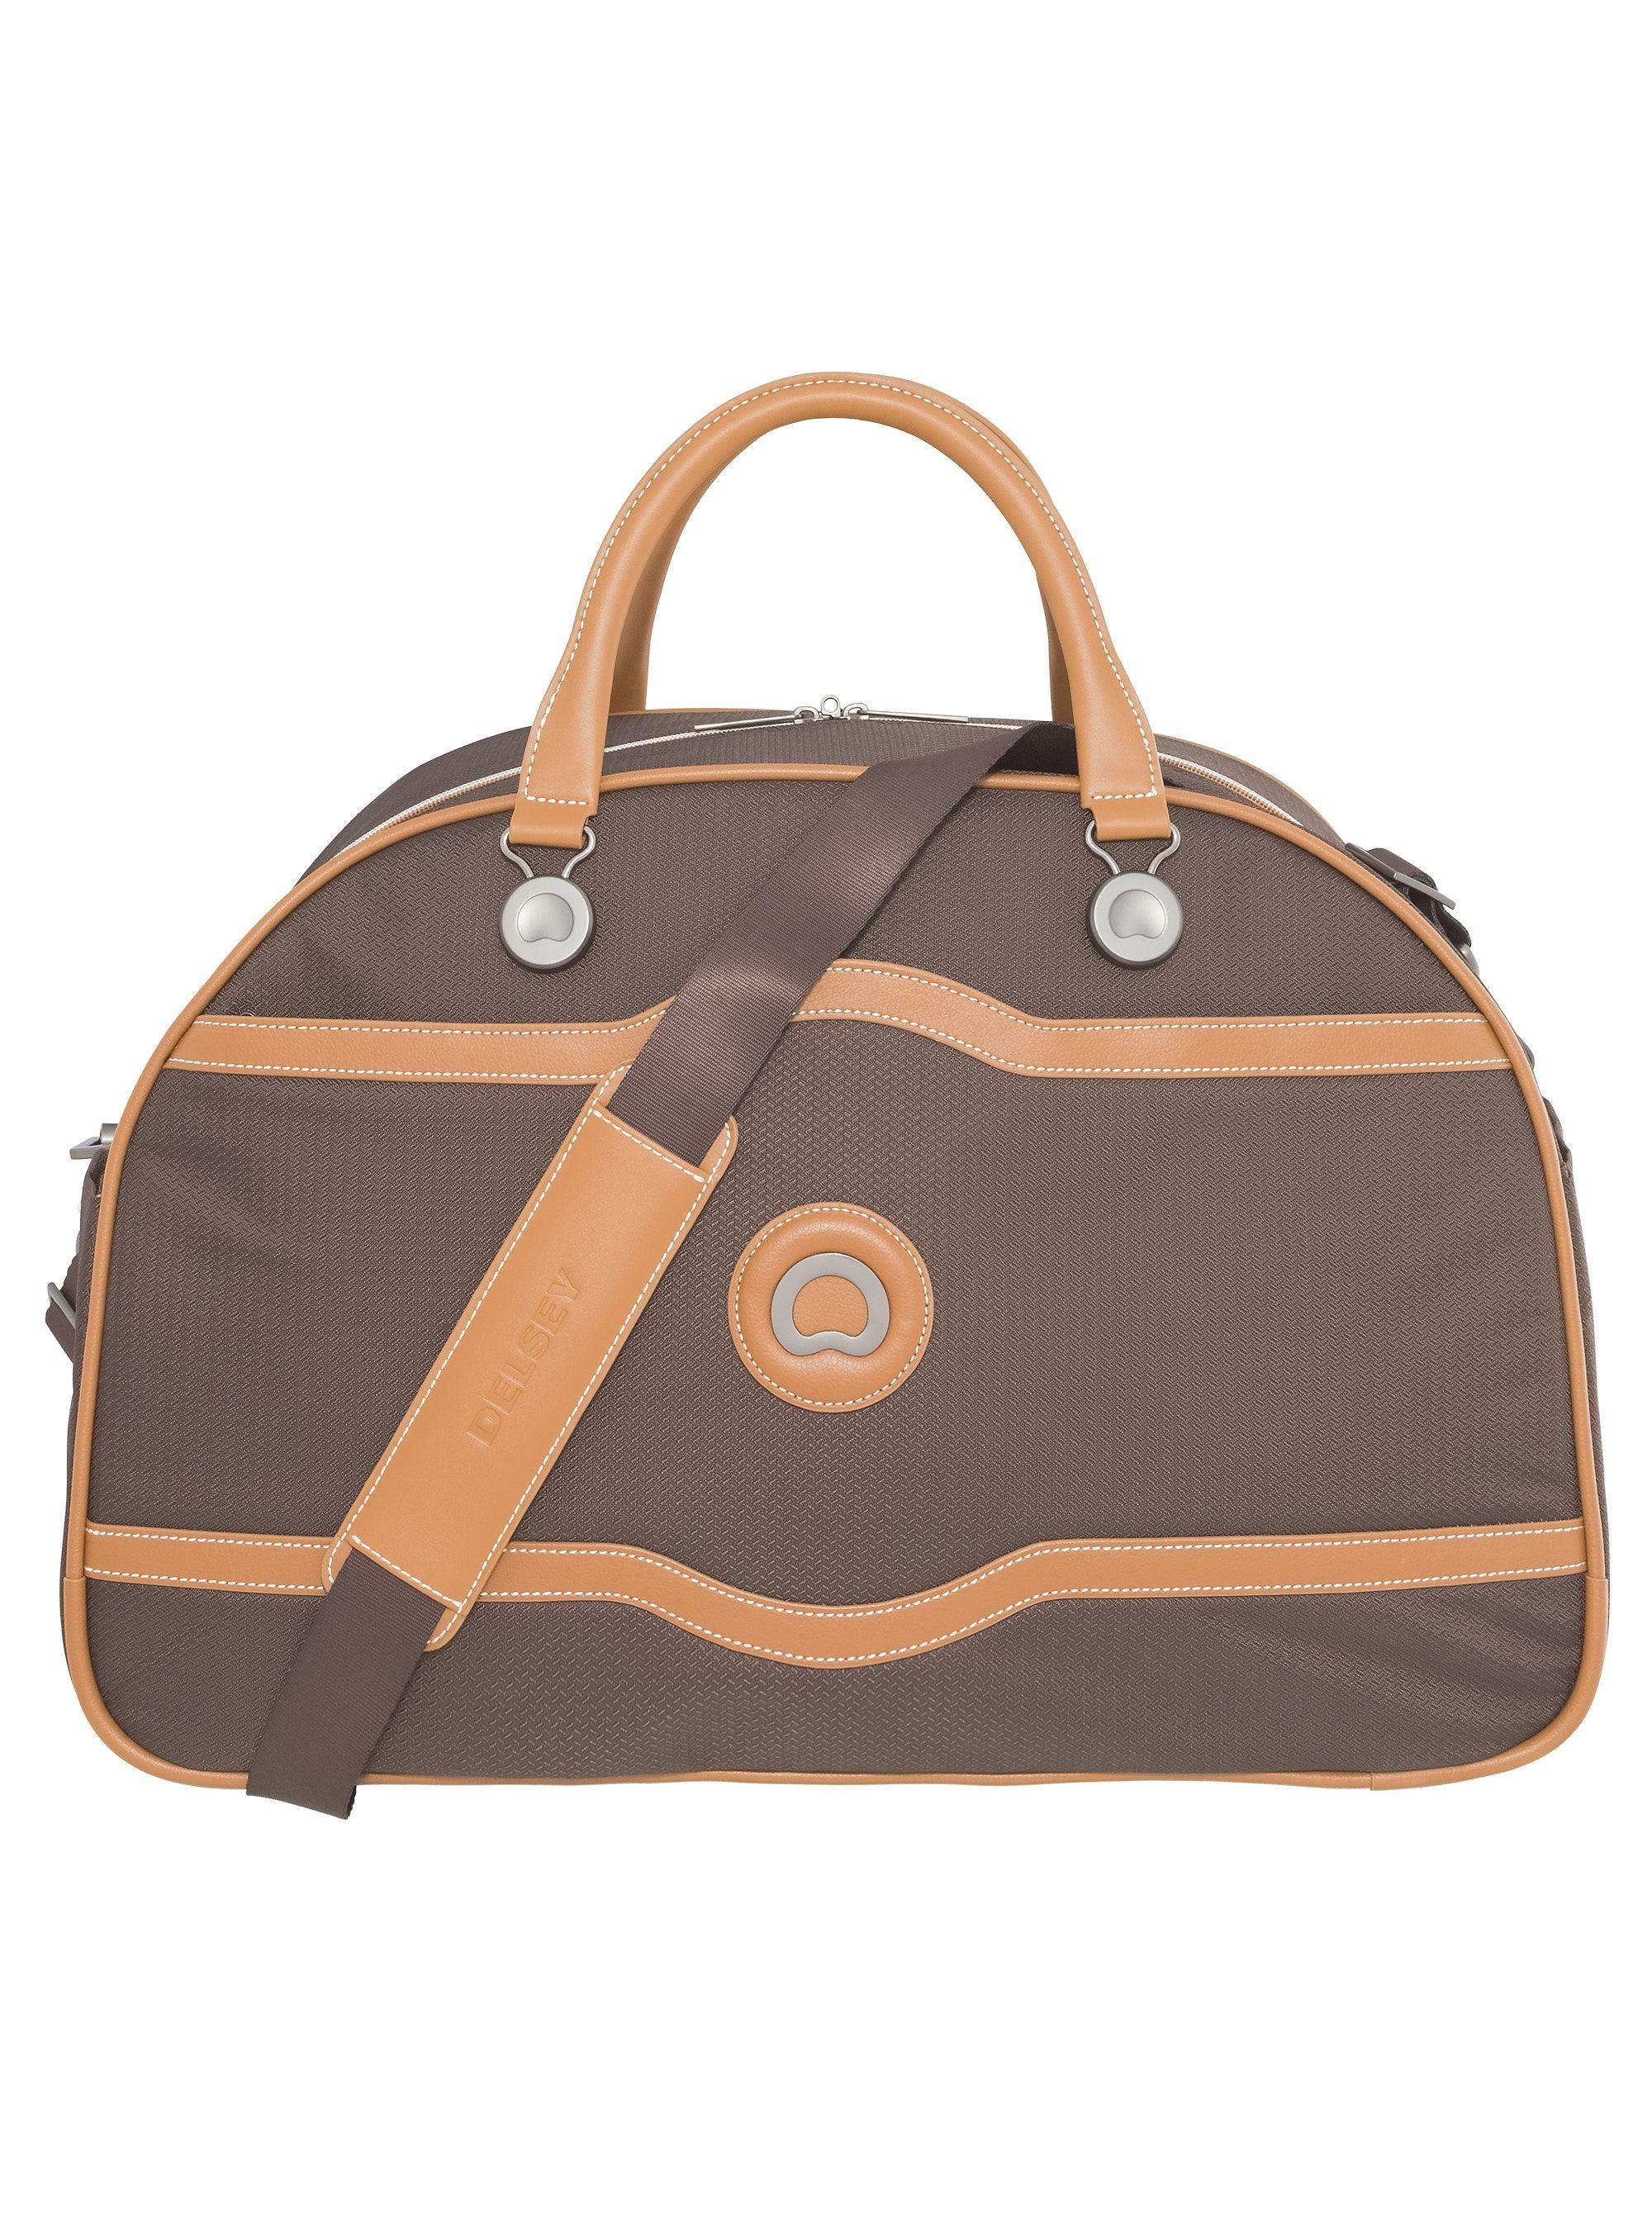 DELSEY Reisetasche mit Ledergriffen und Schultergurt, »Châtelet Soft+«